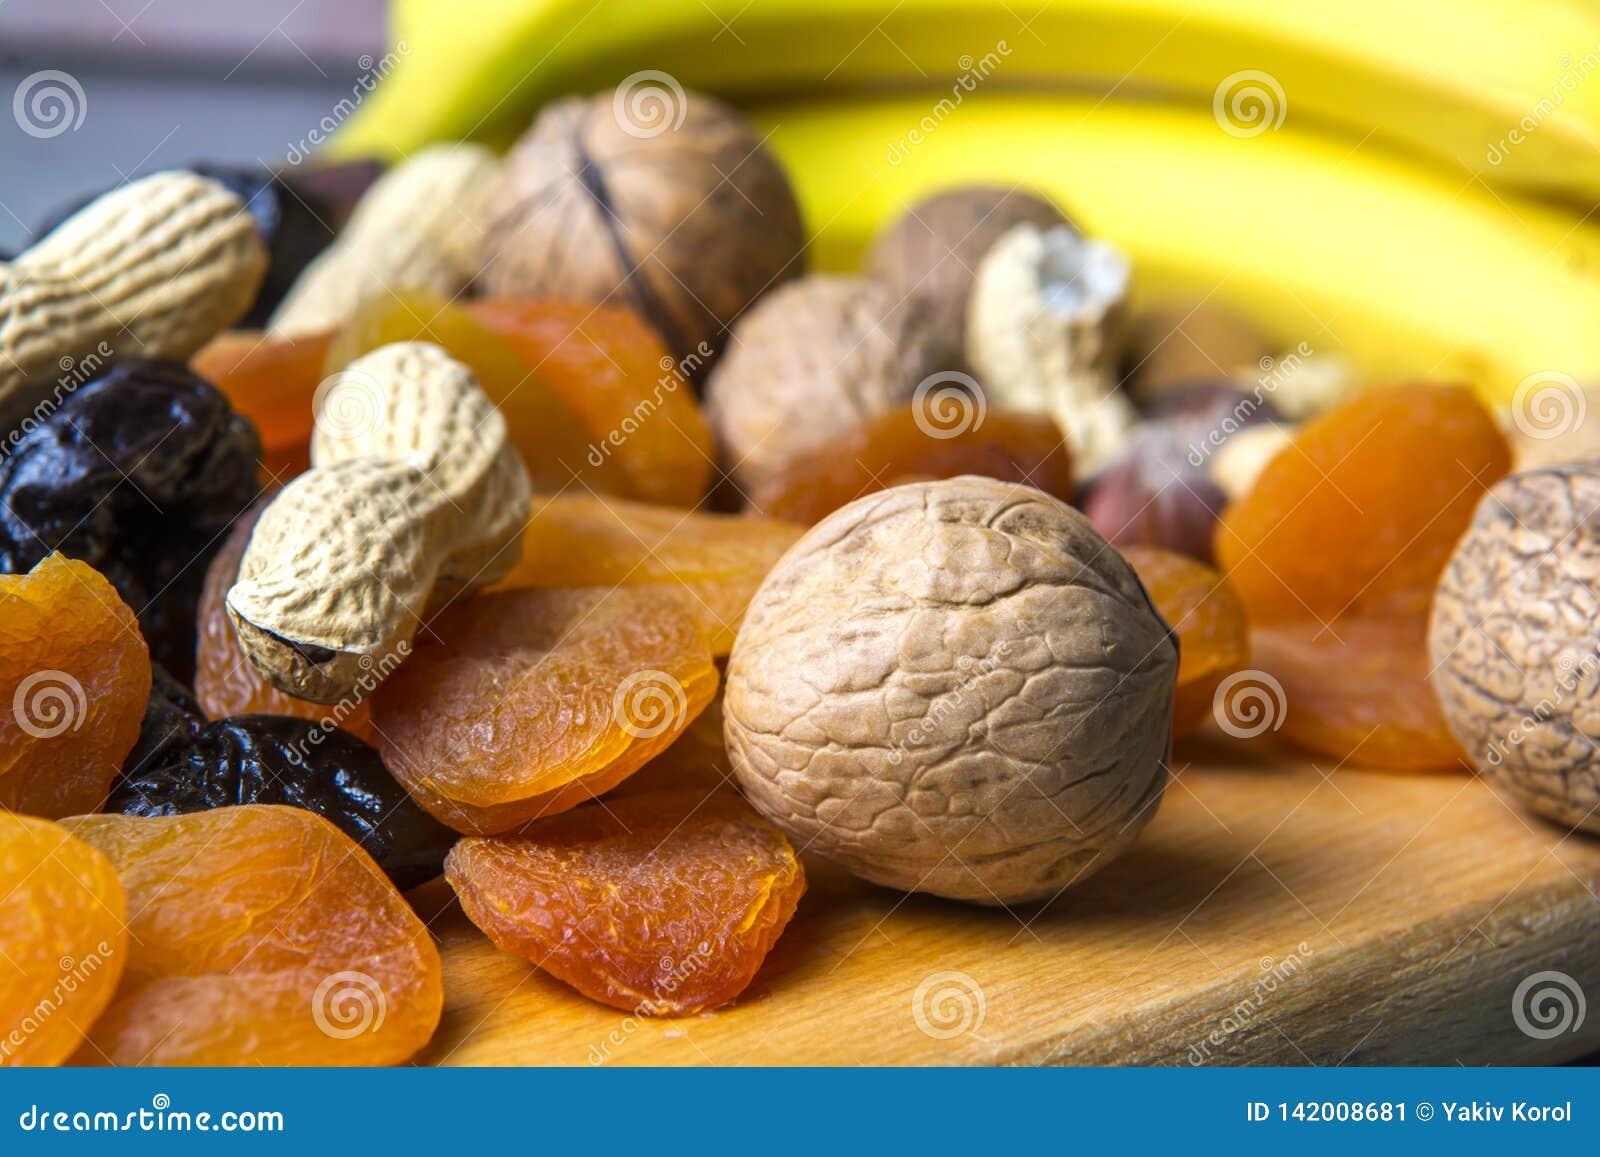 Alimento do vegetariano das porcas e de frutos secados na placa da cozinha